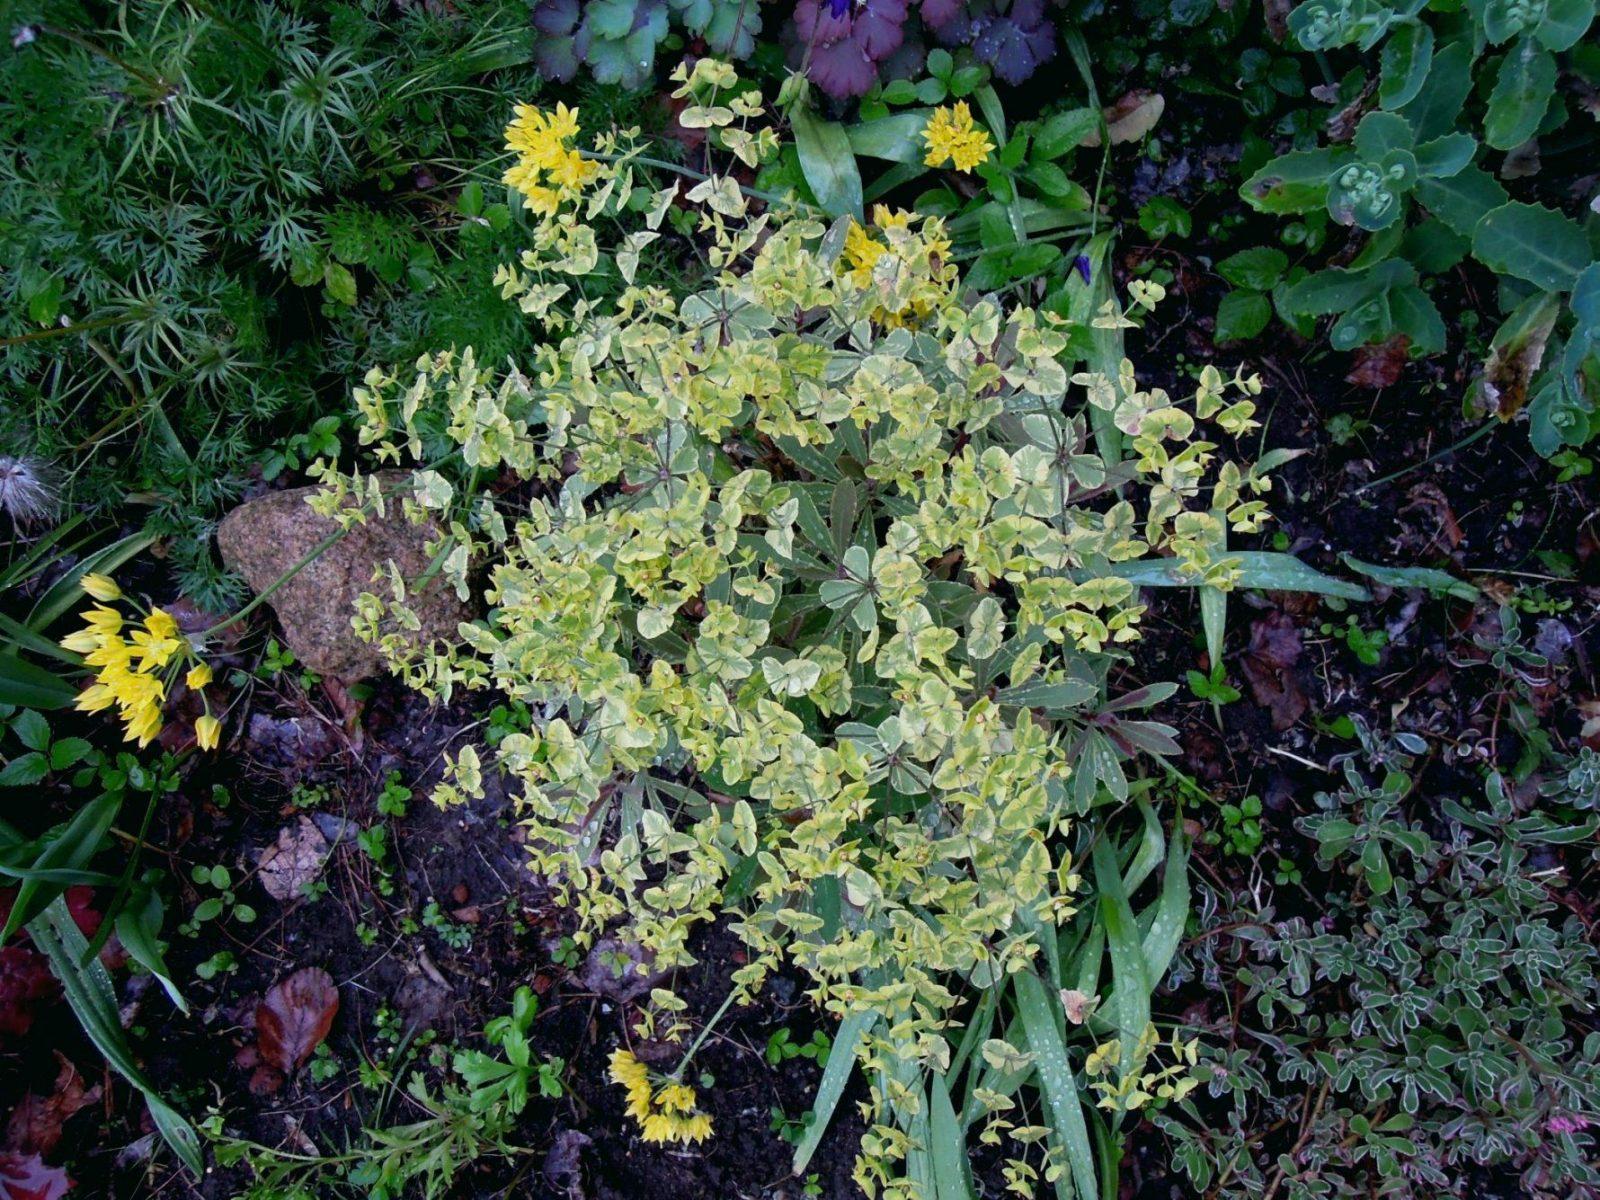 Pflanzen Für Pralle Sonne Inspirational Blumen Für Pralle Sonne von Balkonpflanzen Für Pralle Sonne Photo